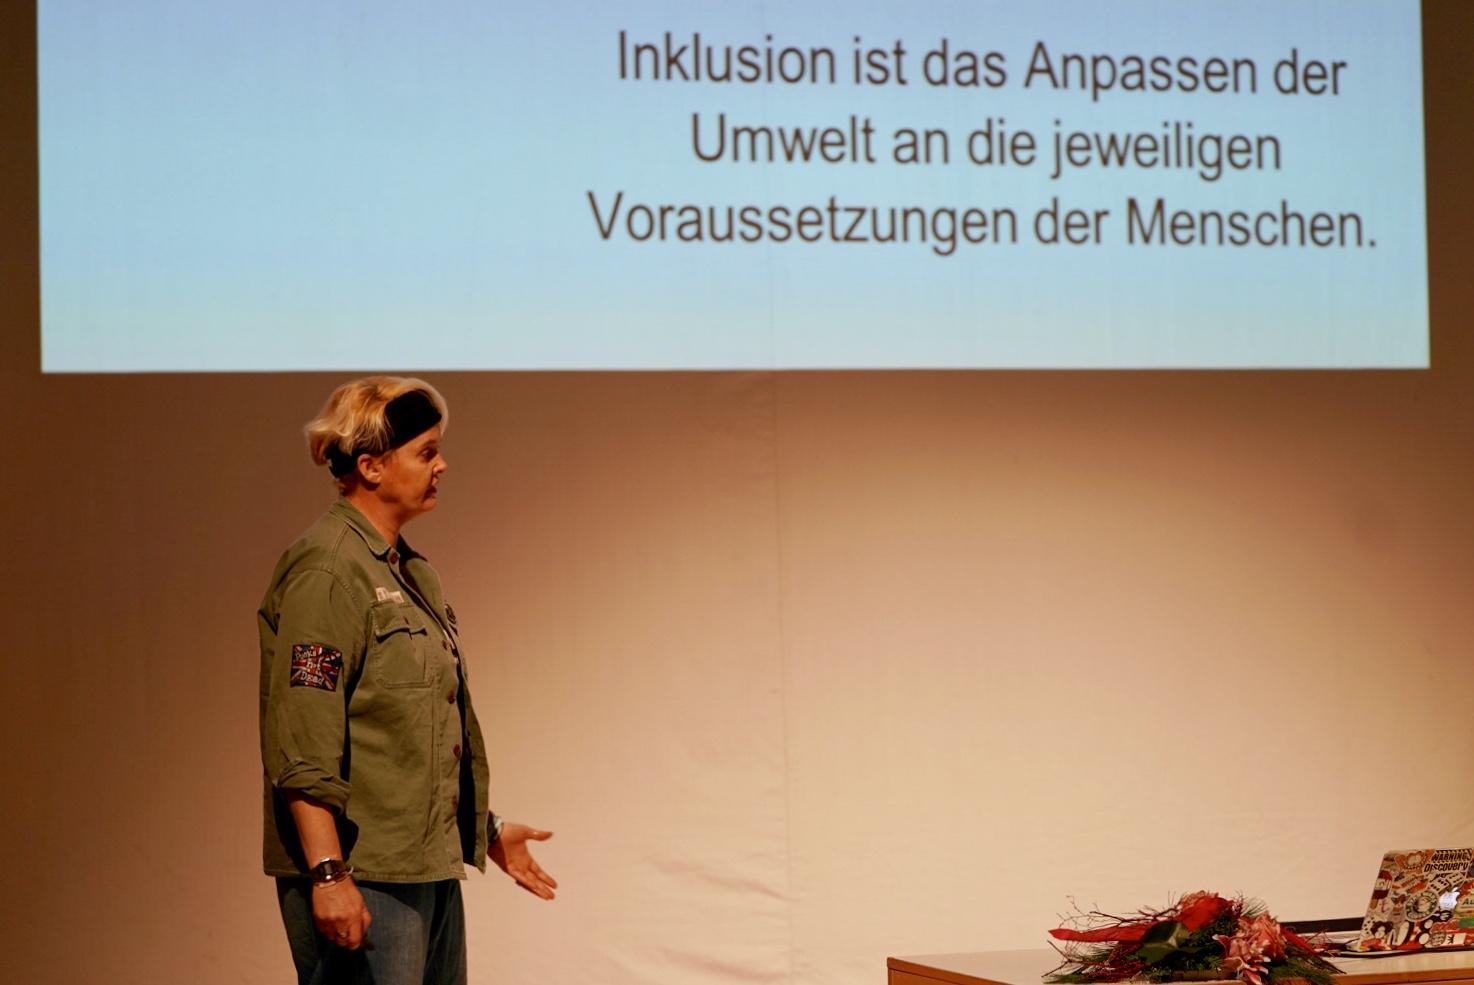 Das Foto zeigt eine Frau vor einen gelb-braunen Hintergrund. In der rechten oberen Bildhälfte ist ein schwarzer Schriftzug an die Wand projiziert. Dort steht: Inklusion ist das Anpassen der Umwelt an die jeweiligen Voraussetzungen der Menschen.